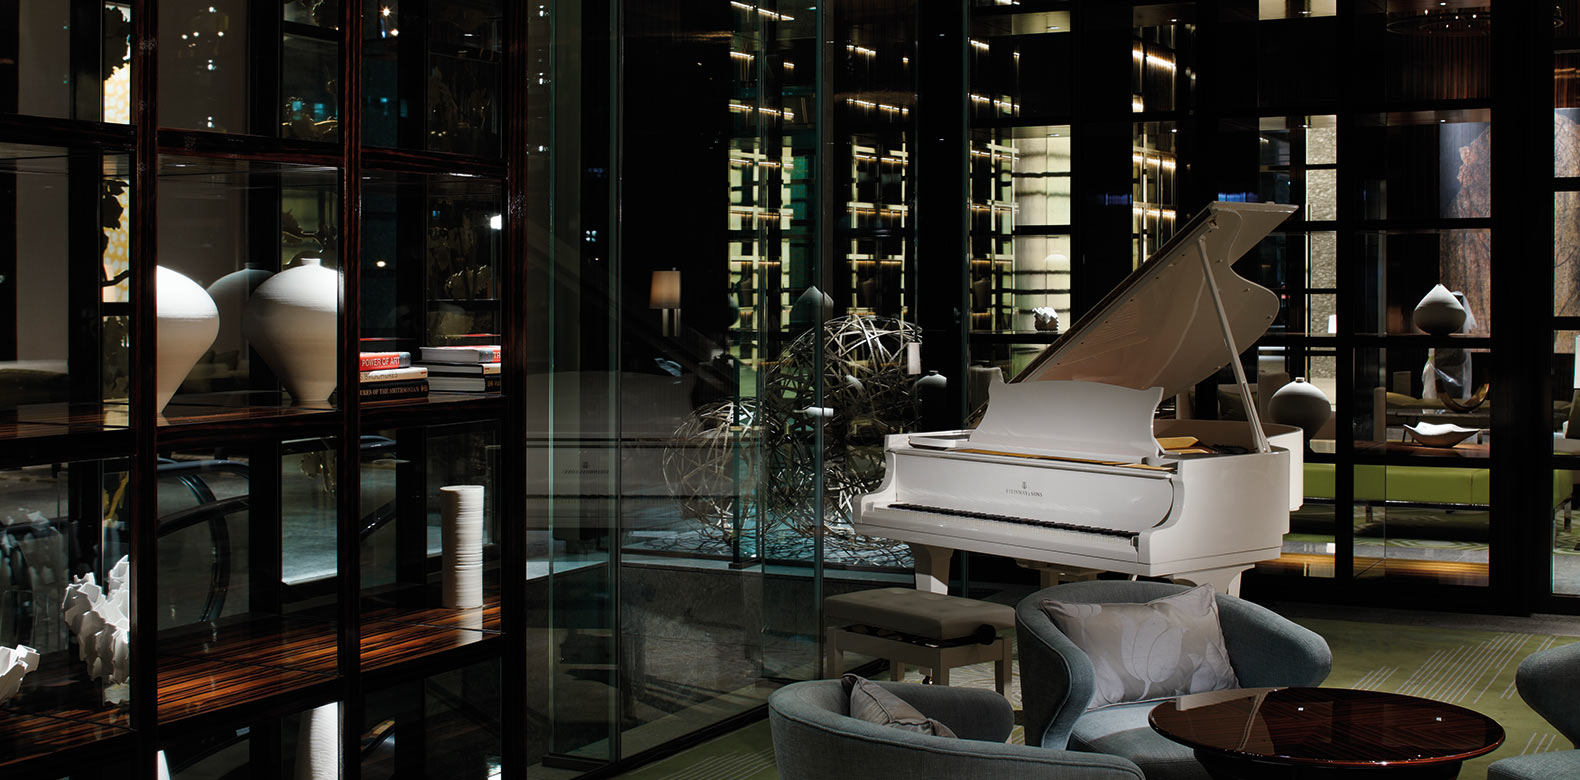 Palace-Hotel-Tokyo-F-Palace-Lounge-IV